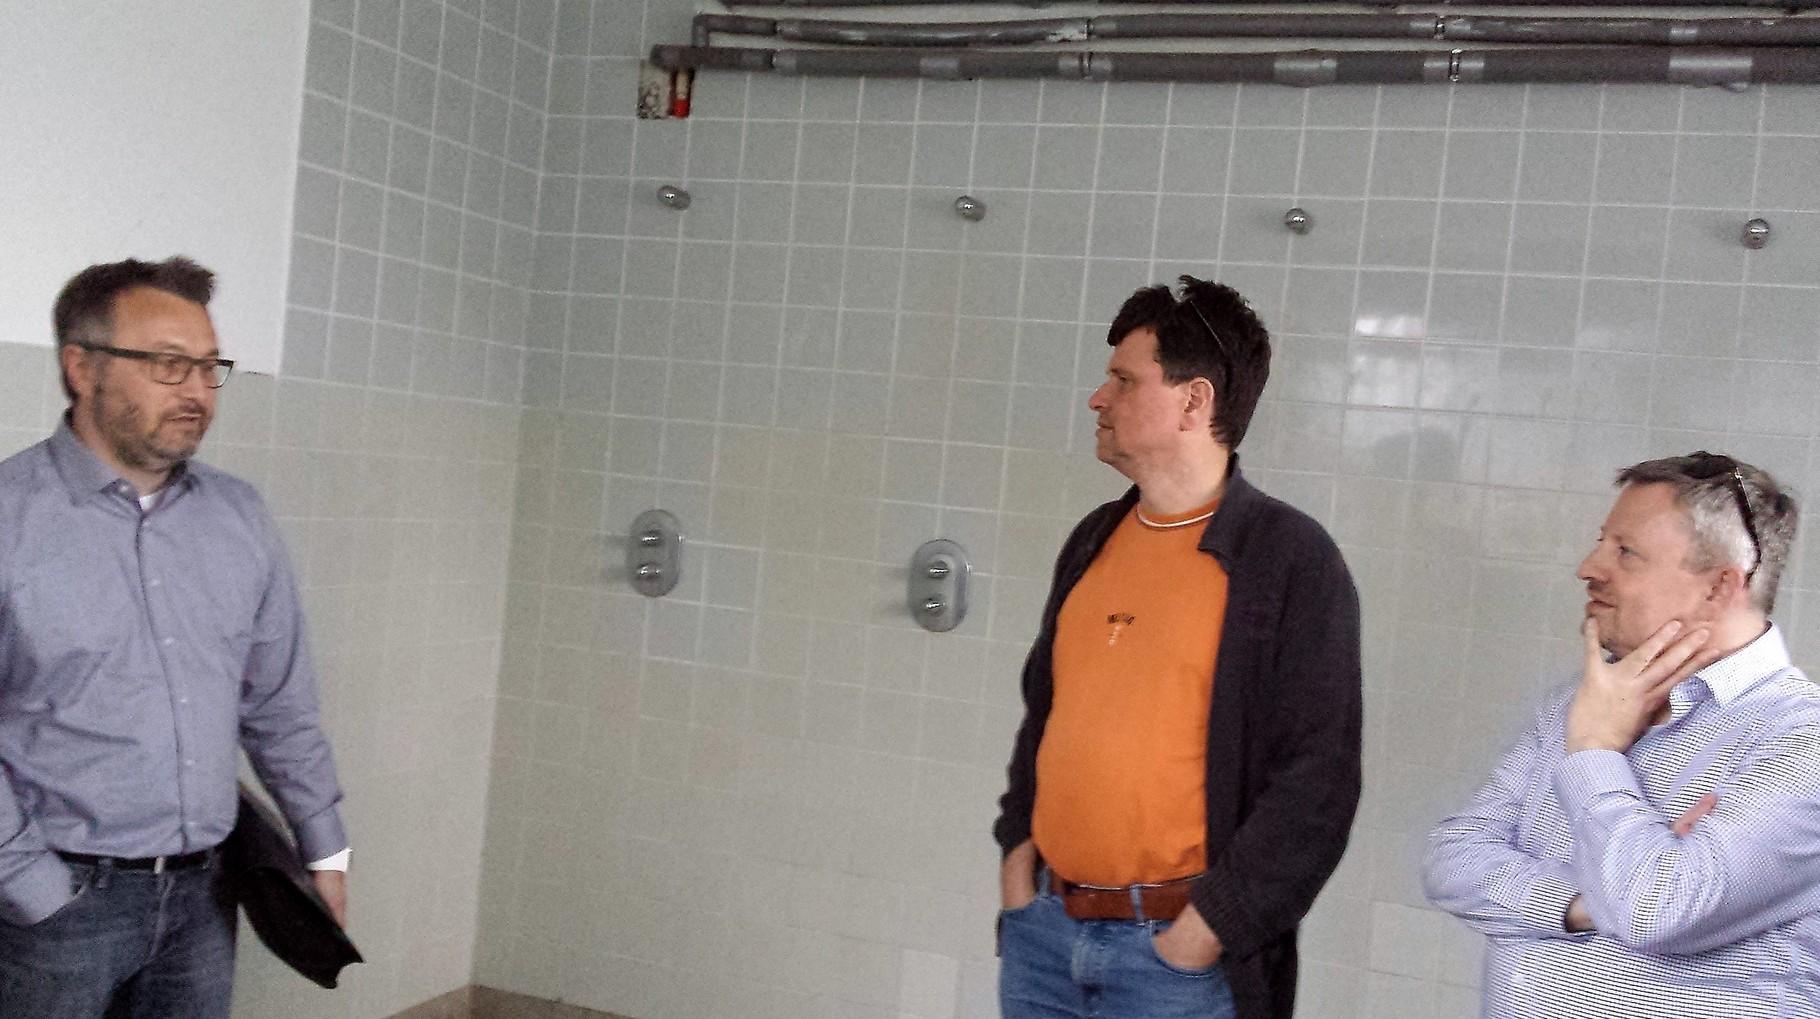 Duschraum: kalt, verkalkt, Leitungsrohre auf Putz, Glasbausteine als Fenster, kaum beheizbar